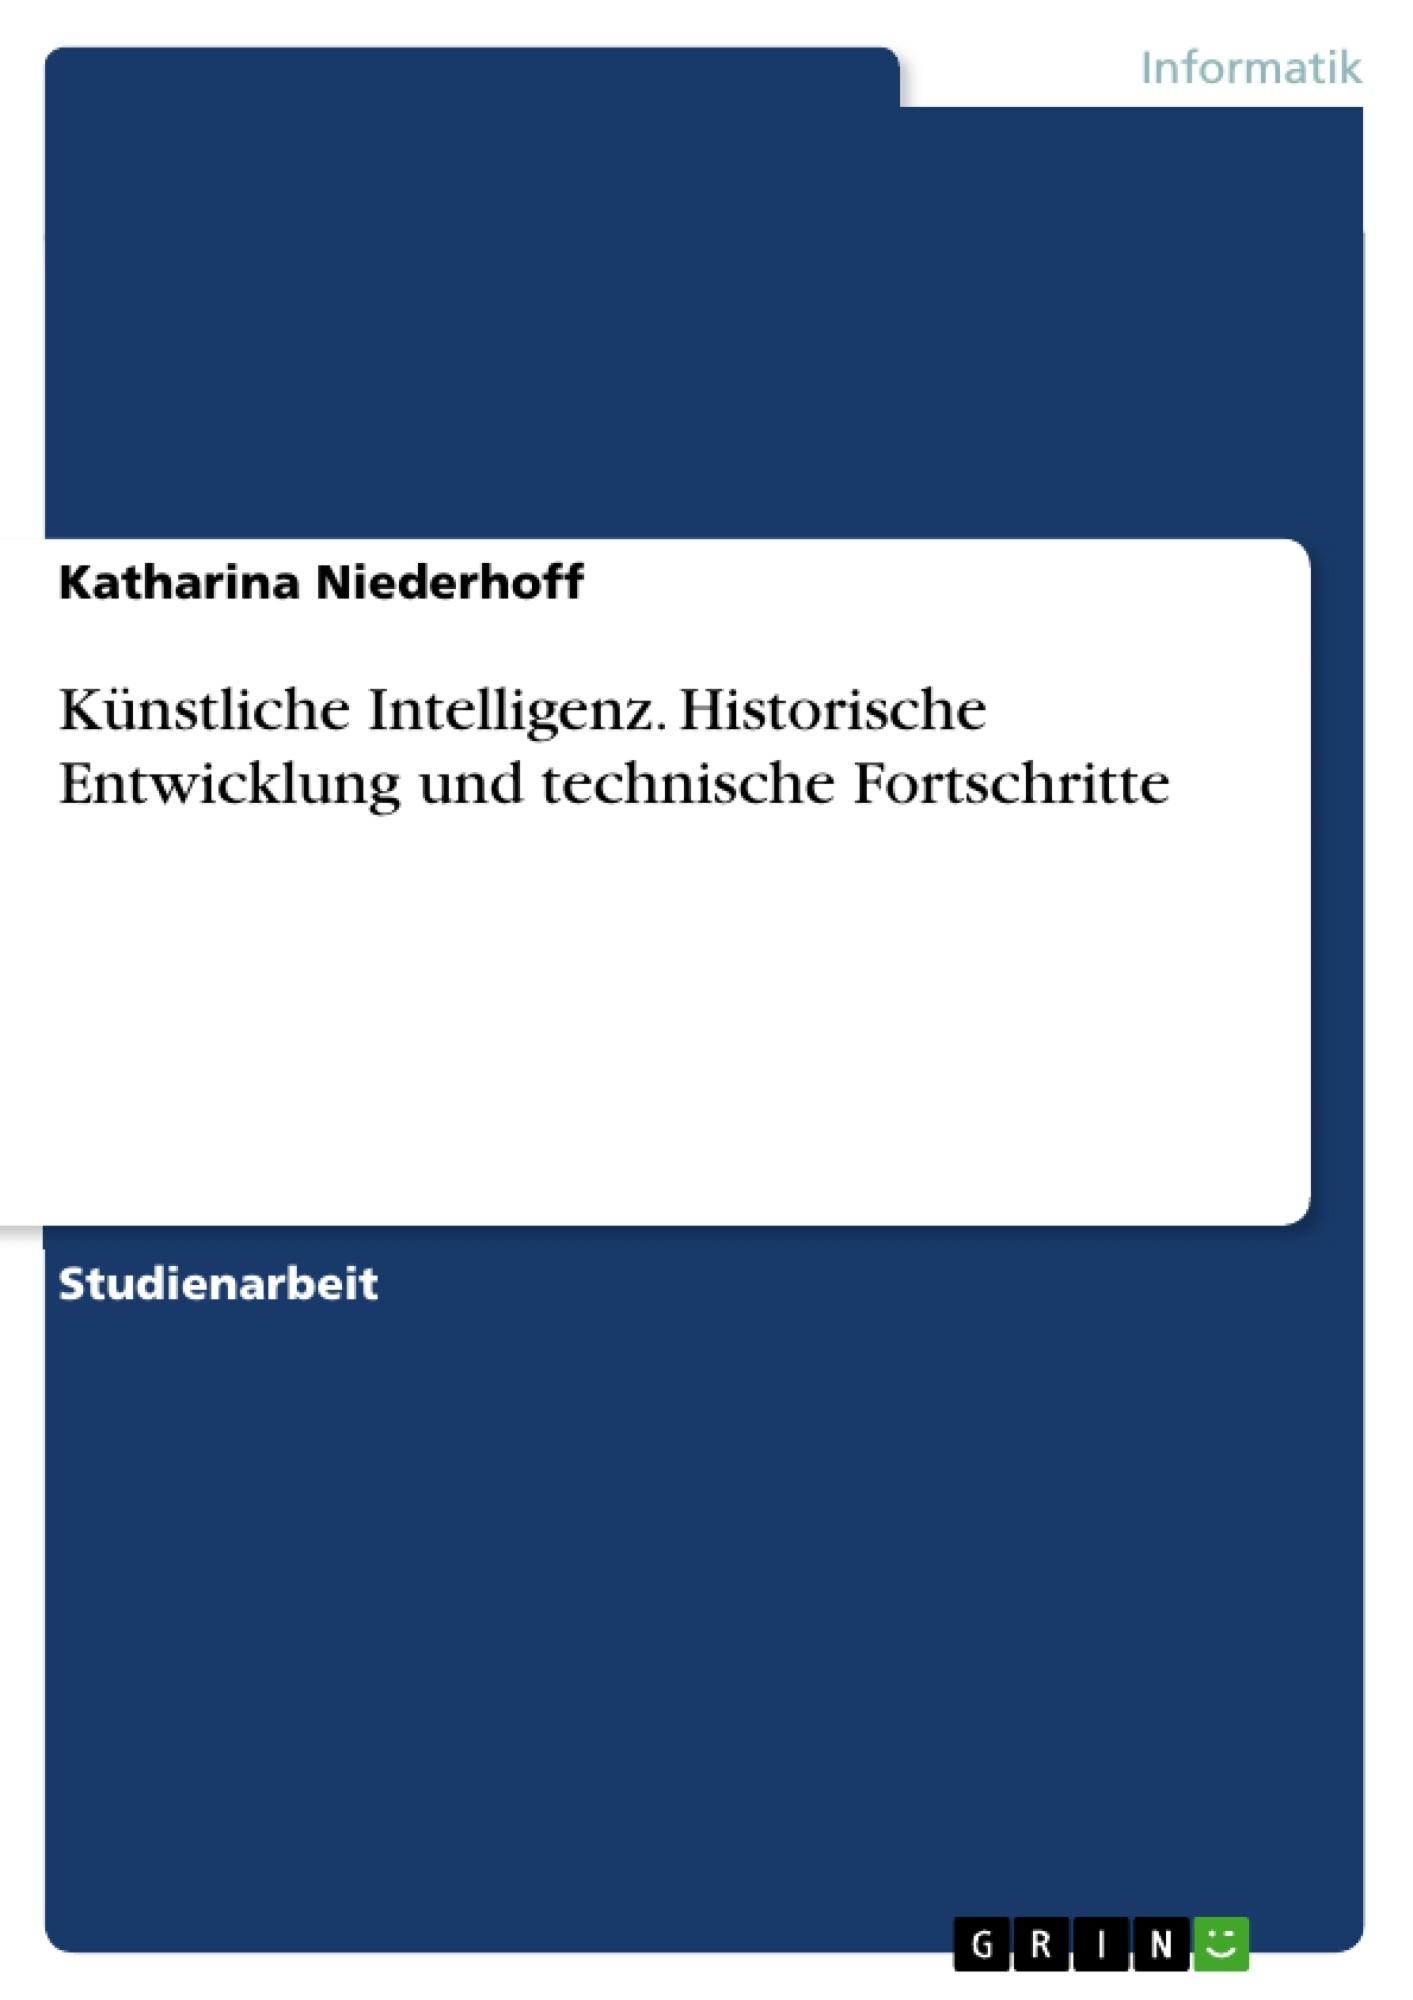 Titel: Künstliche Intelligenz. Historische Entwicklung und technische Fortschritte